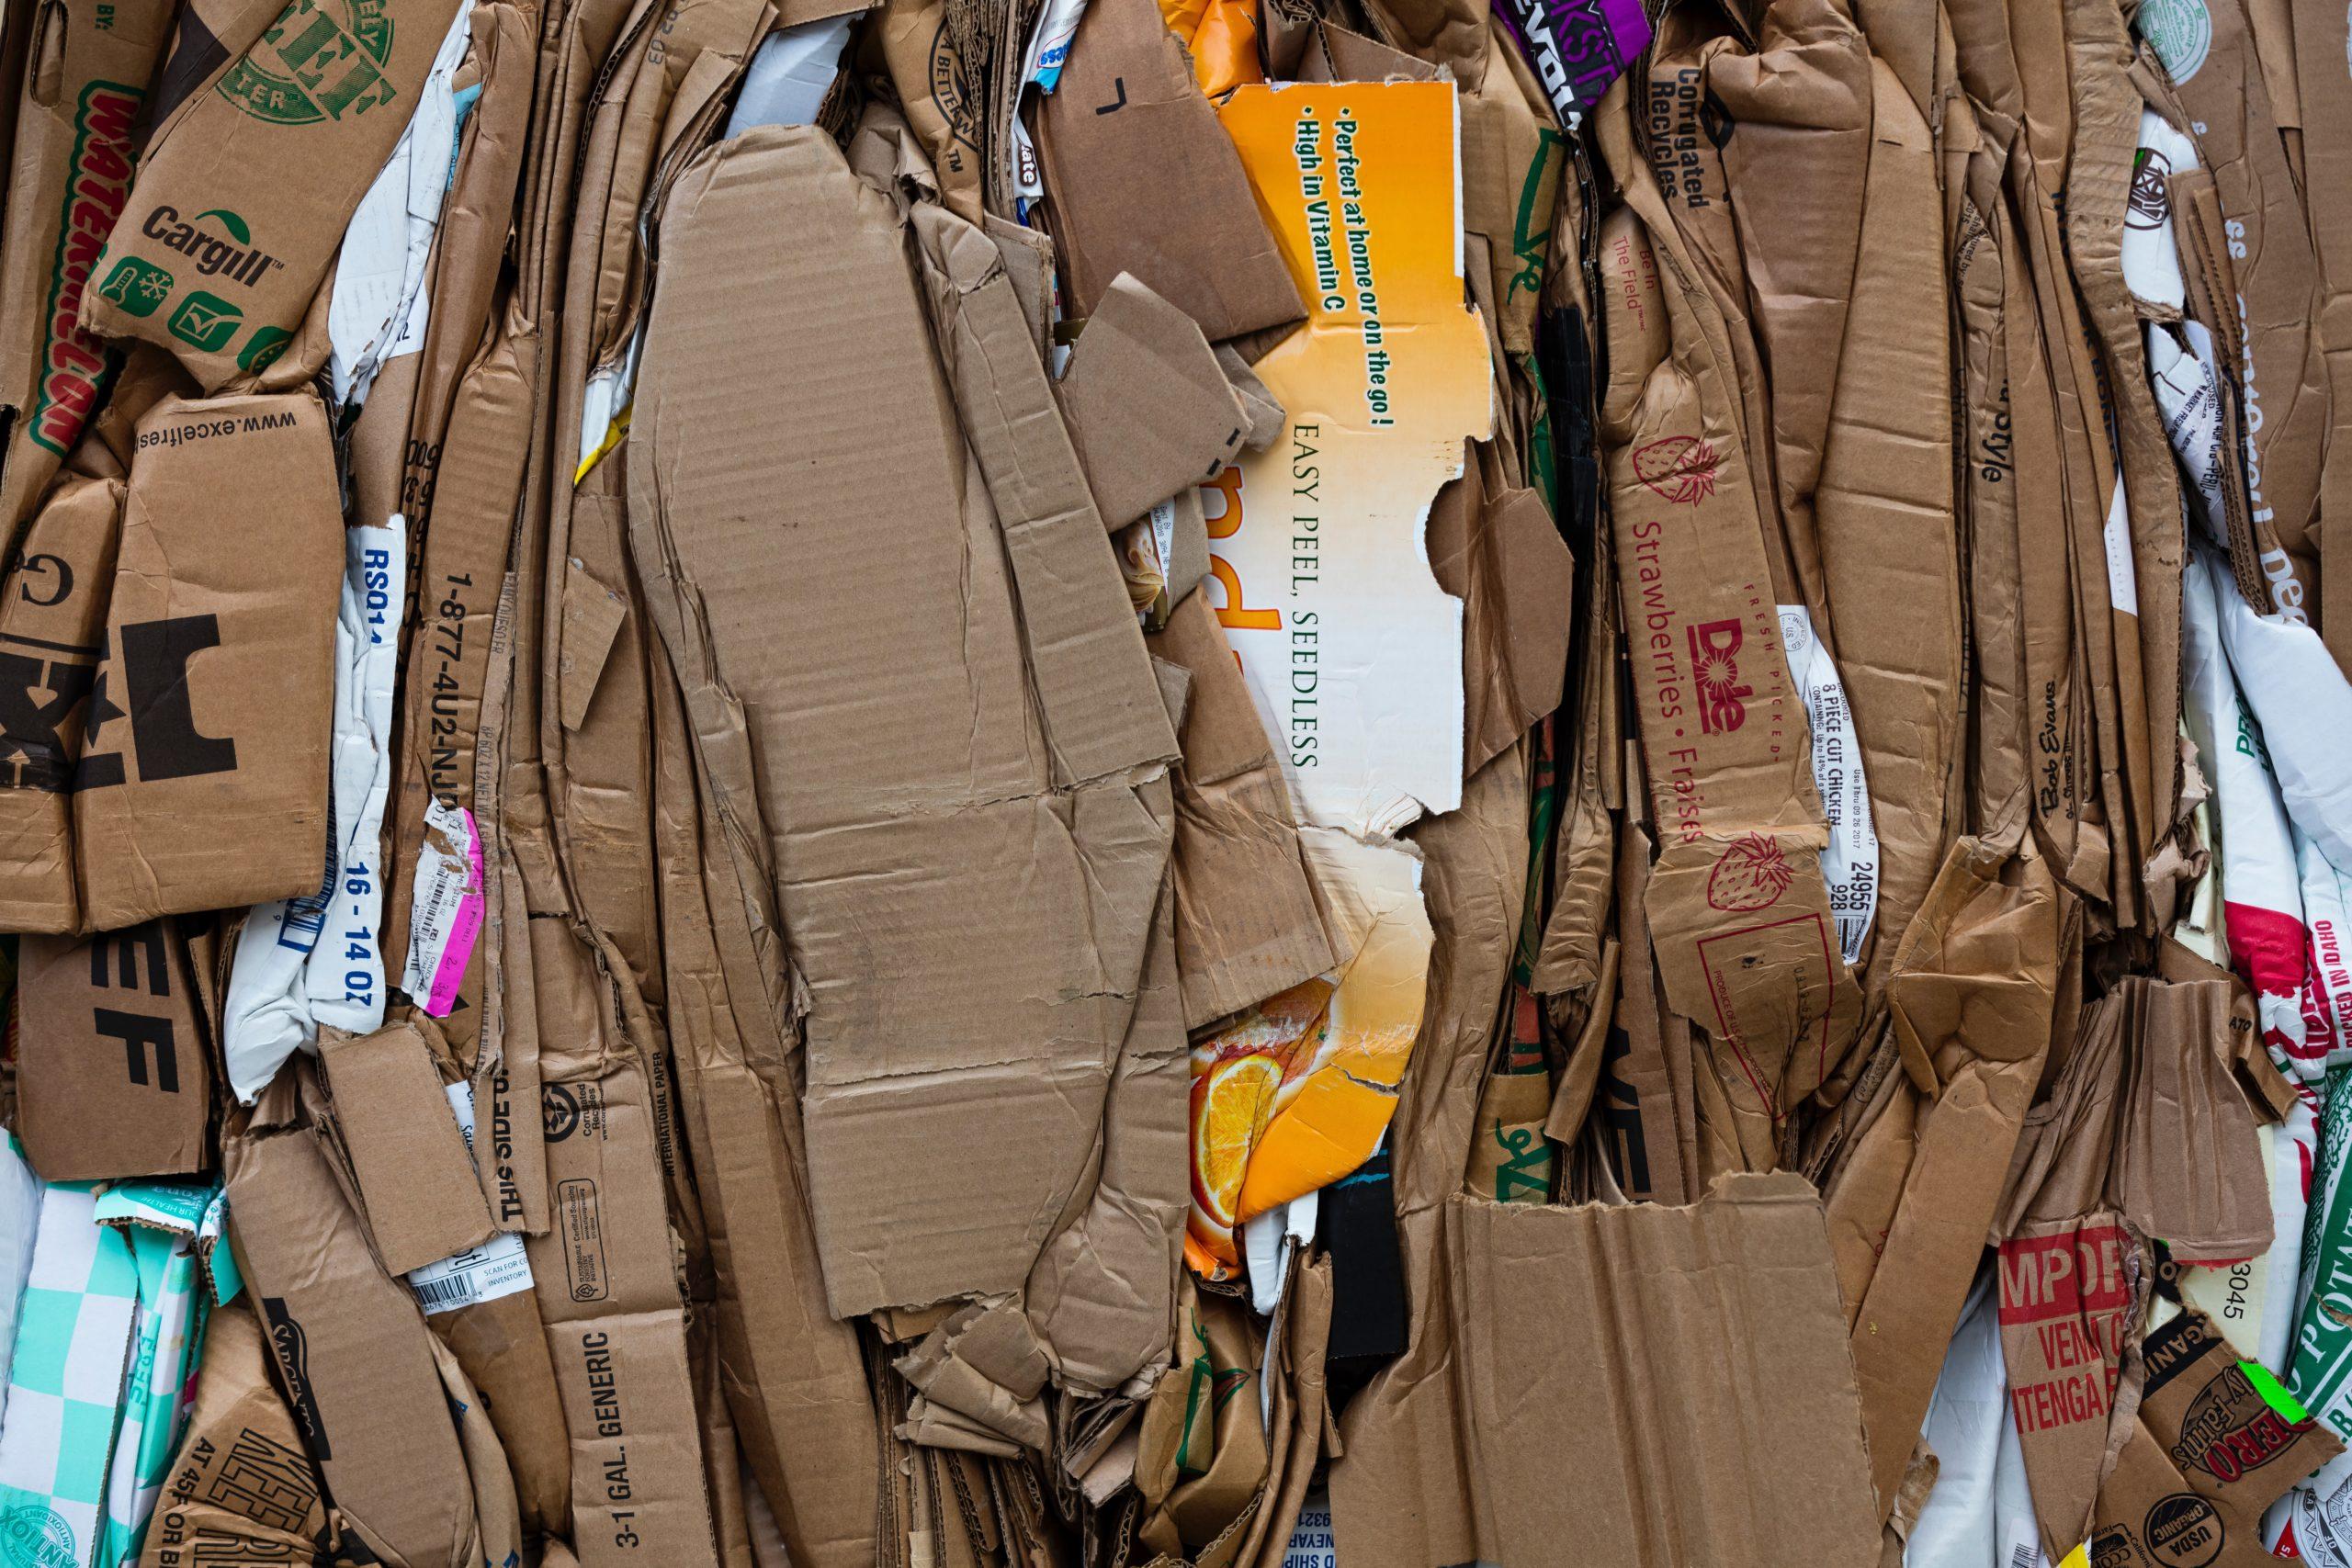 ¡Al fin! La CDMX tendrá su primera planta de separación de residuos